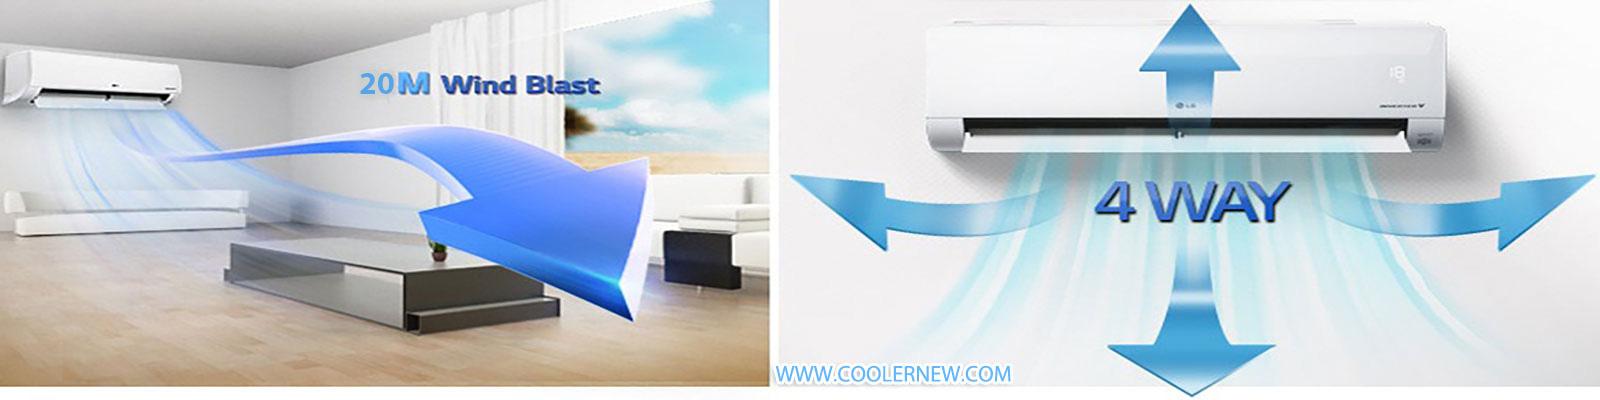 پرتاب باد الجی 18000 کم مصرف انرژی این کولر